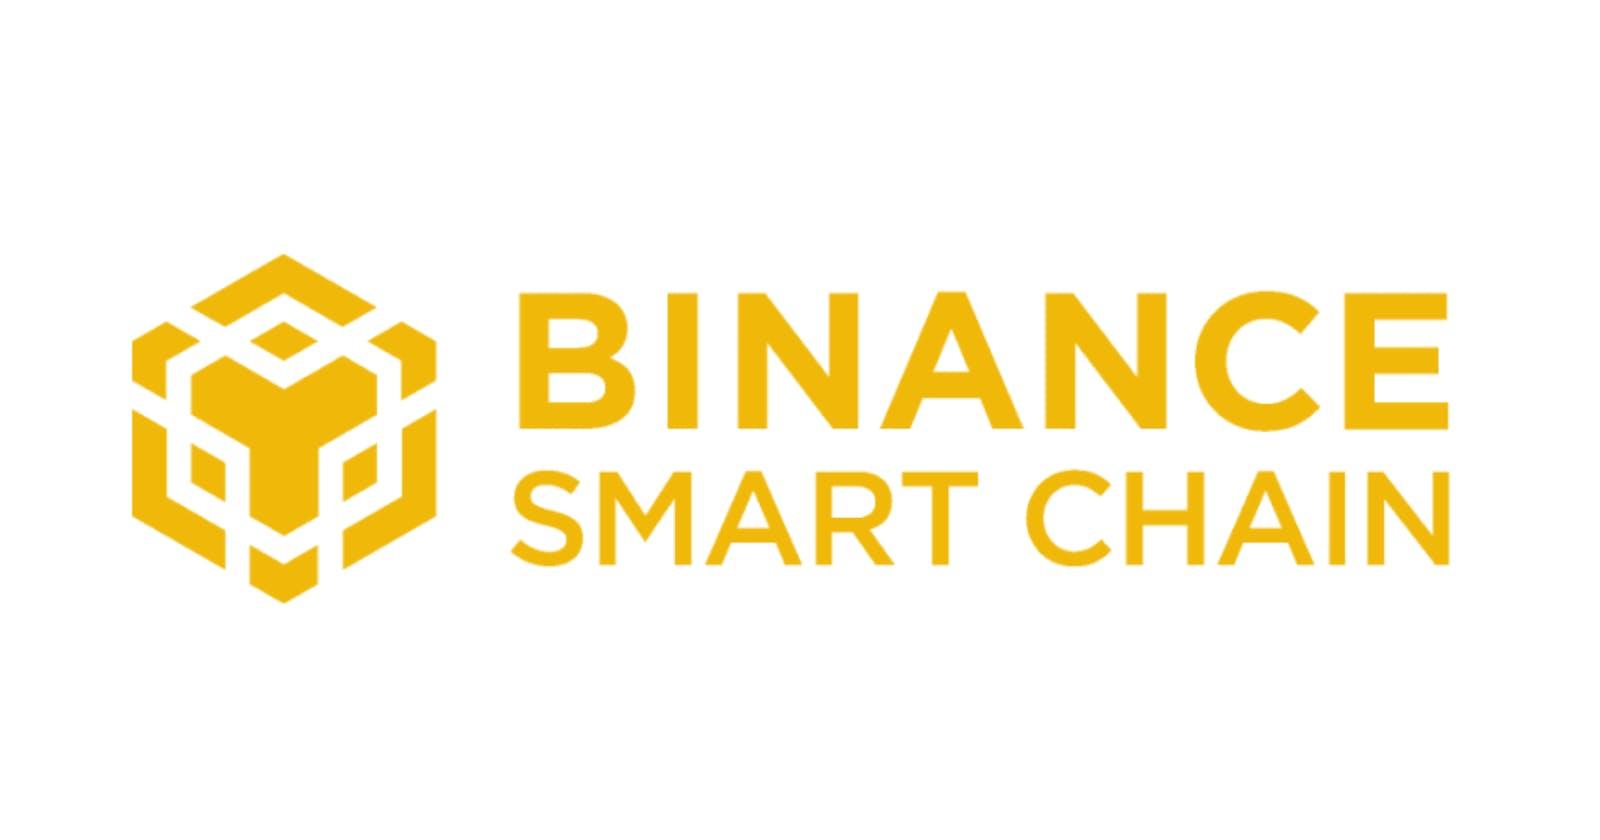 #04 - Ví  Binance Smart Change (BSC) và 1 ví dụ DBZ coin trên nền tảng này